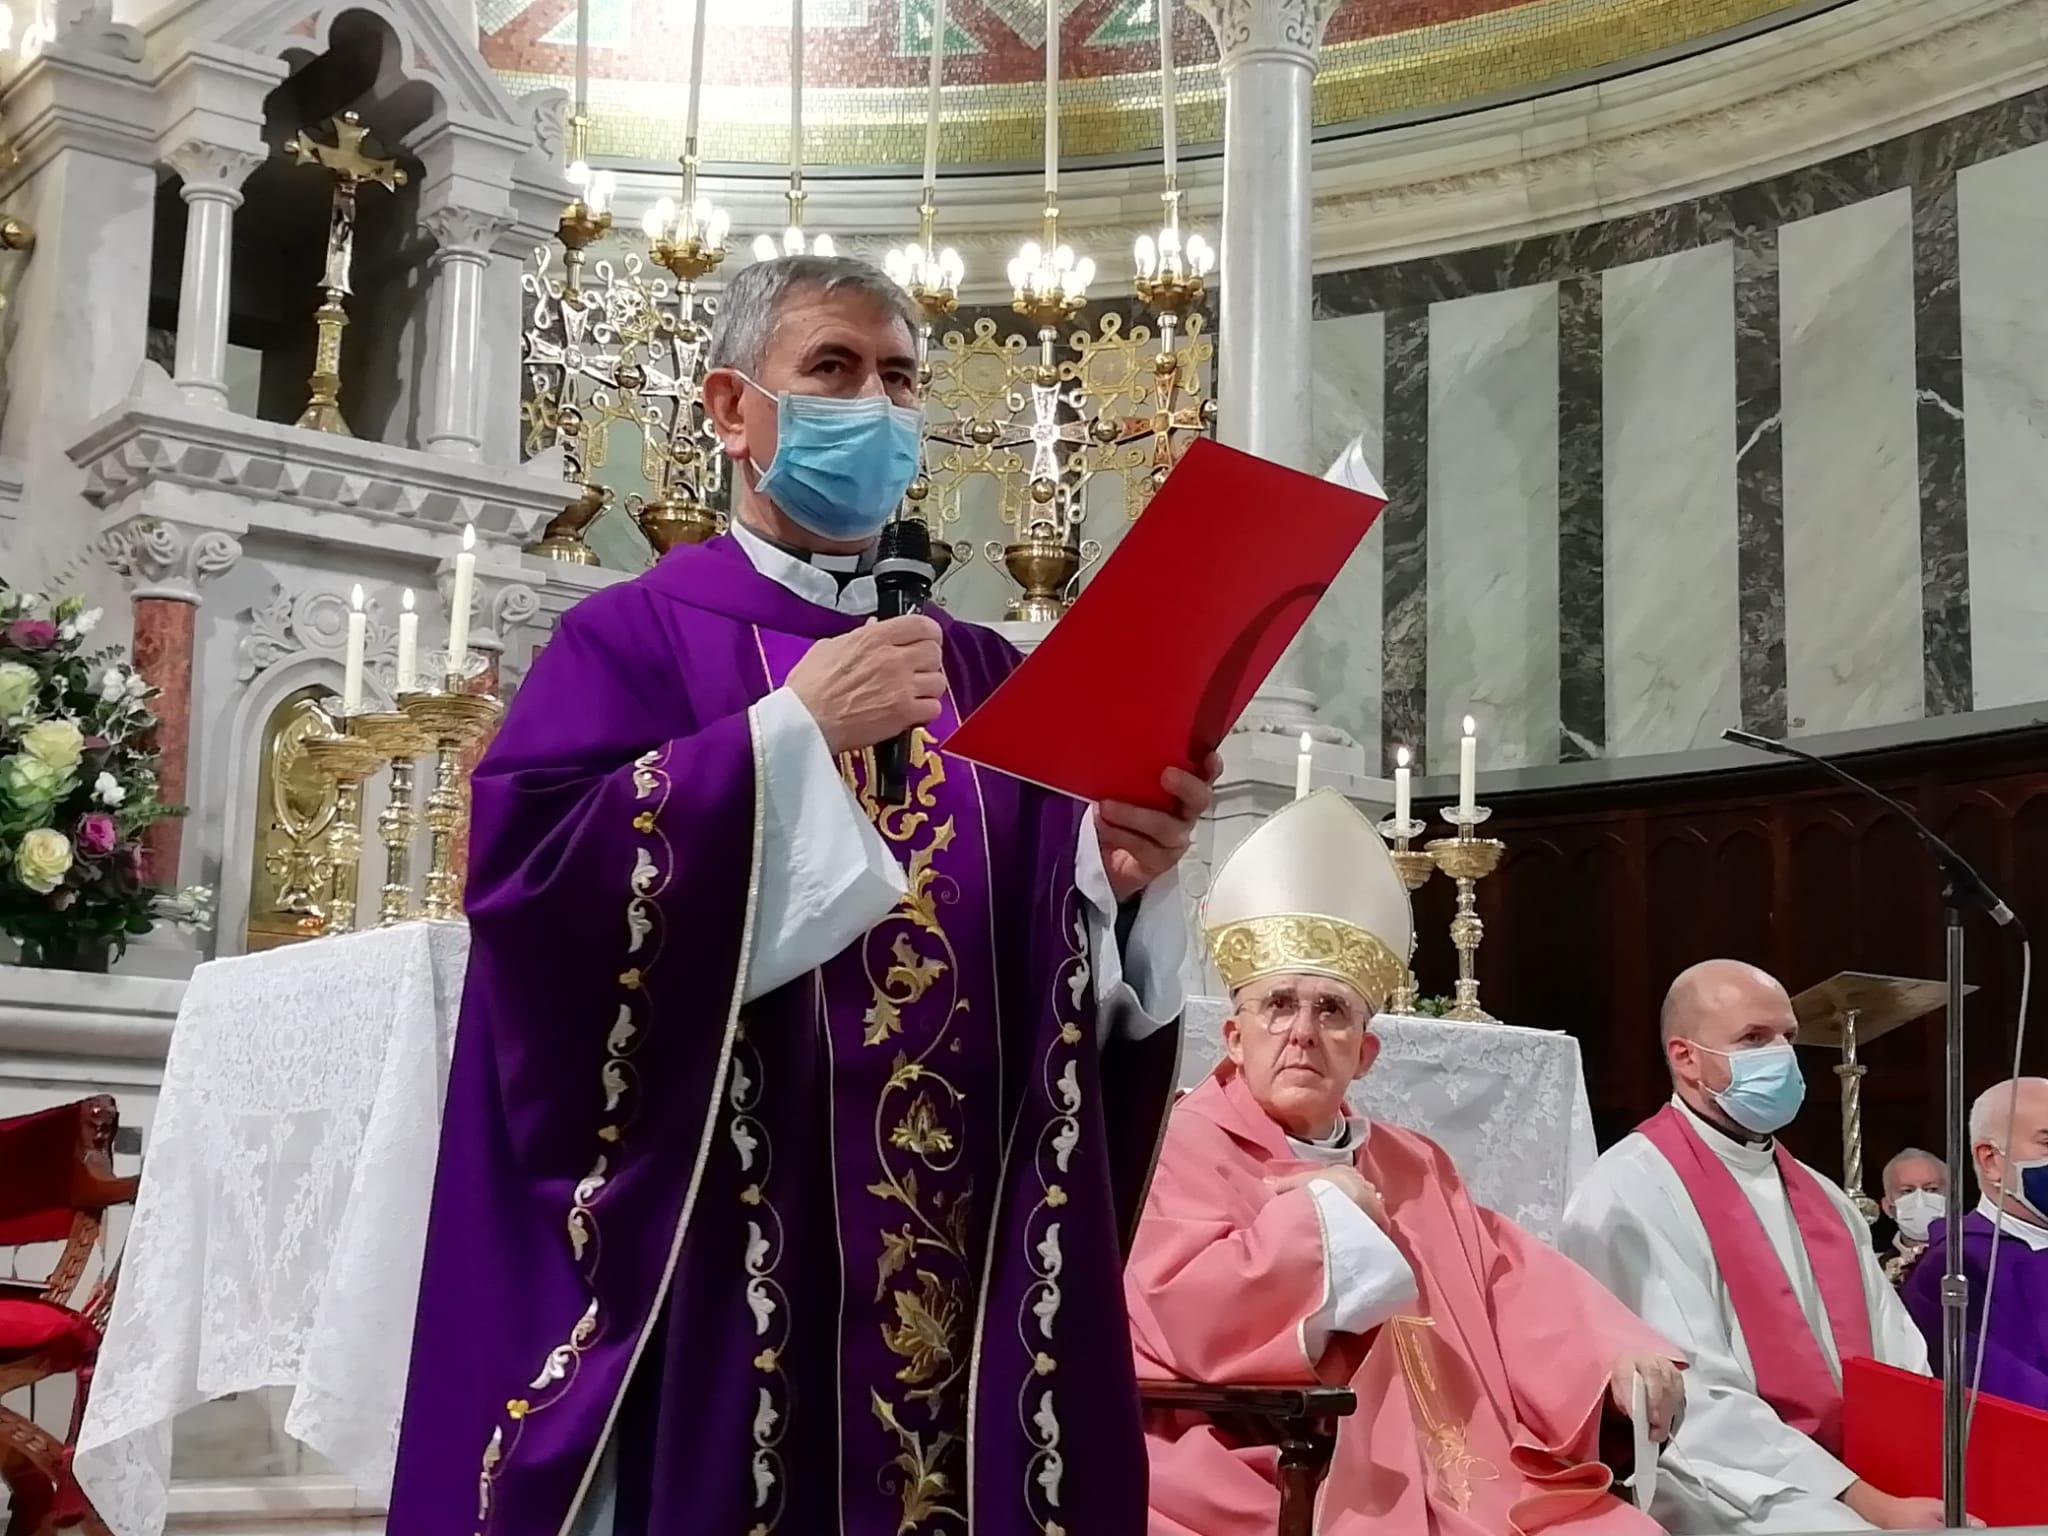 El nuevo párroco estuvo acompañado por los feligreses de la parroquia y los otros tres religiosos que le ayudarán a atender la parroquia, entre otros.